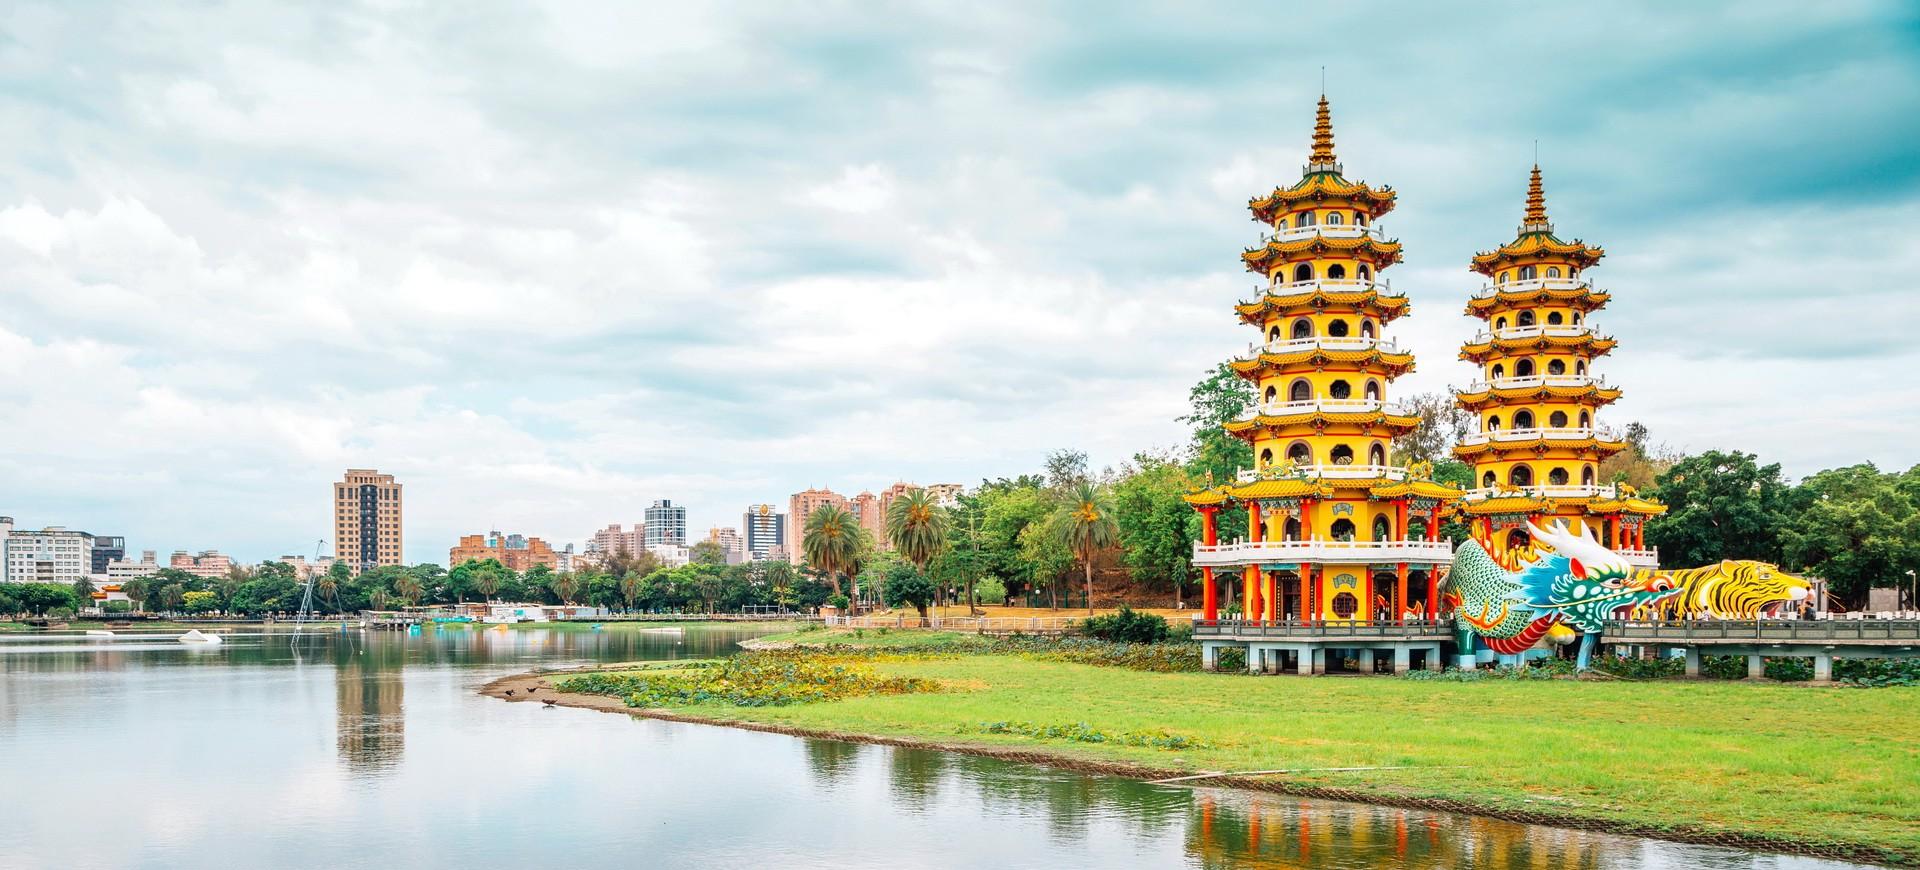 Tour de Dragon Tigre sur le lac Lotus à Kaohsiung